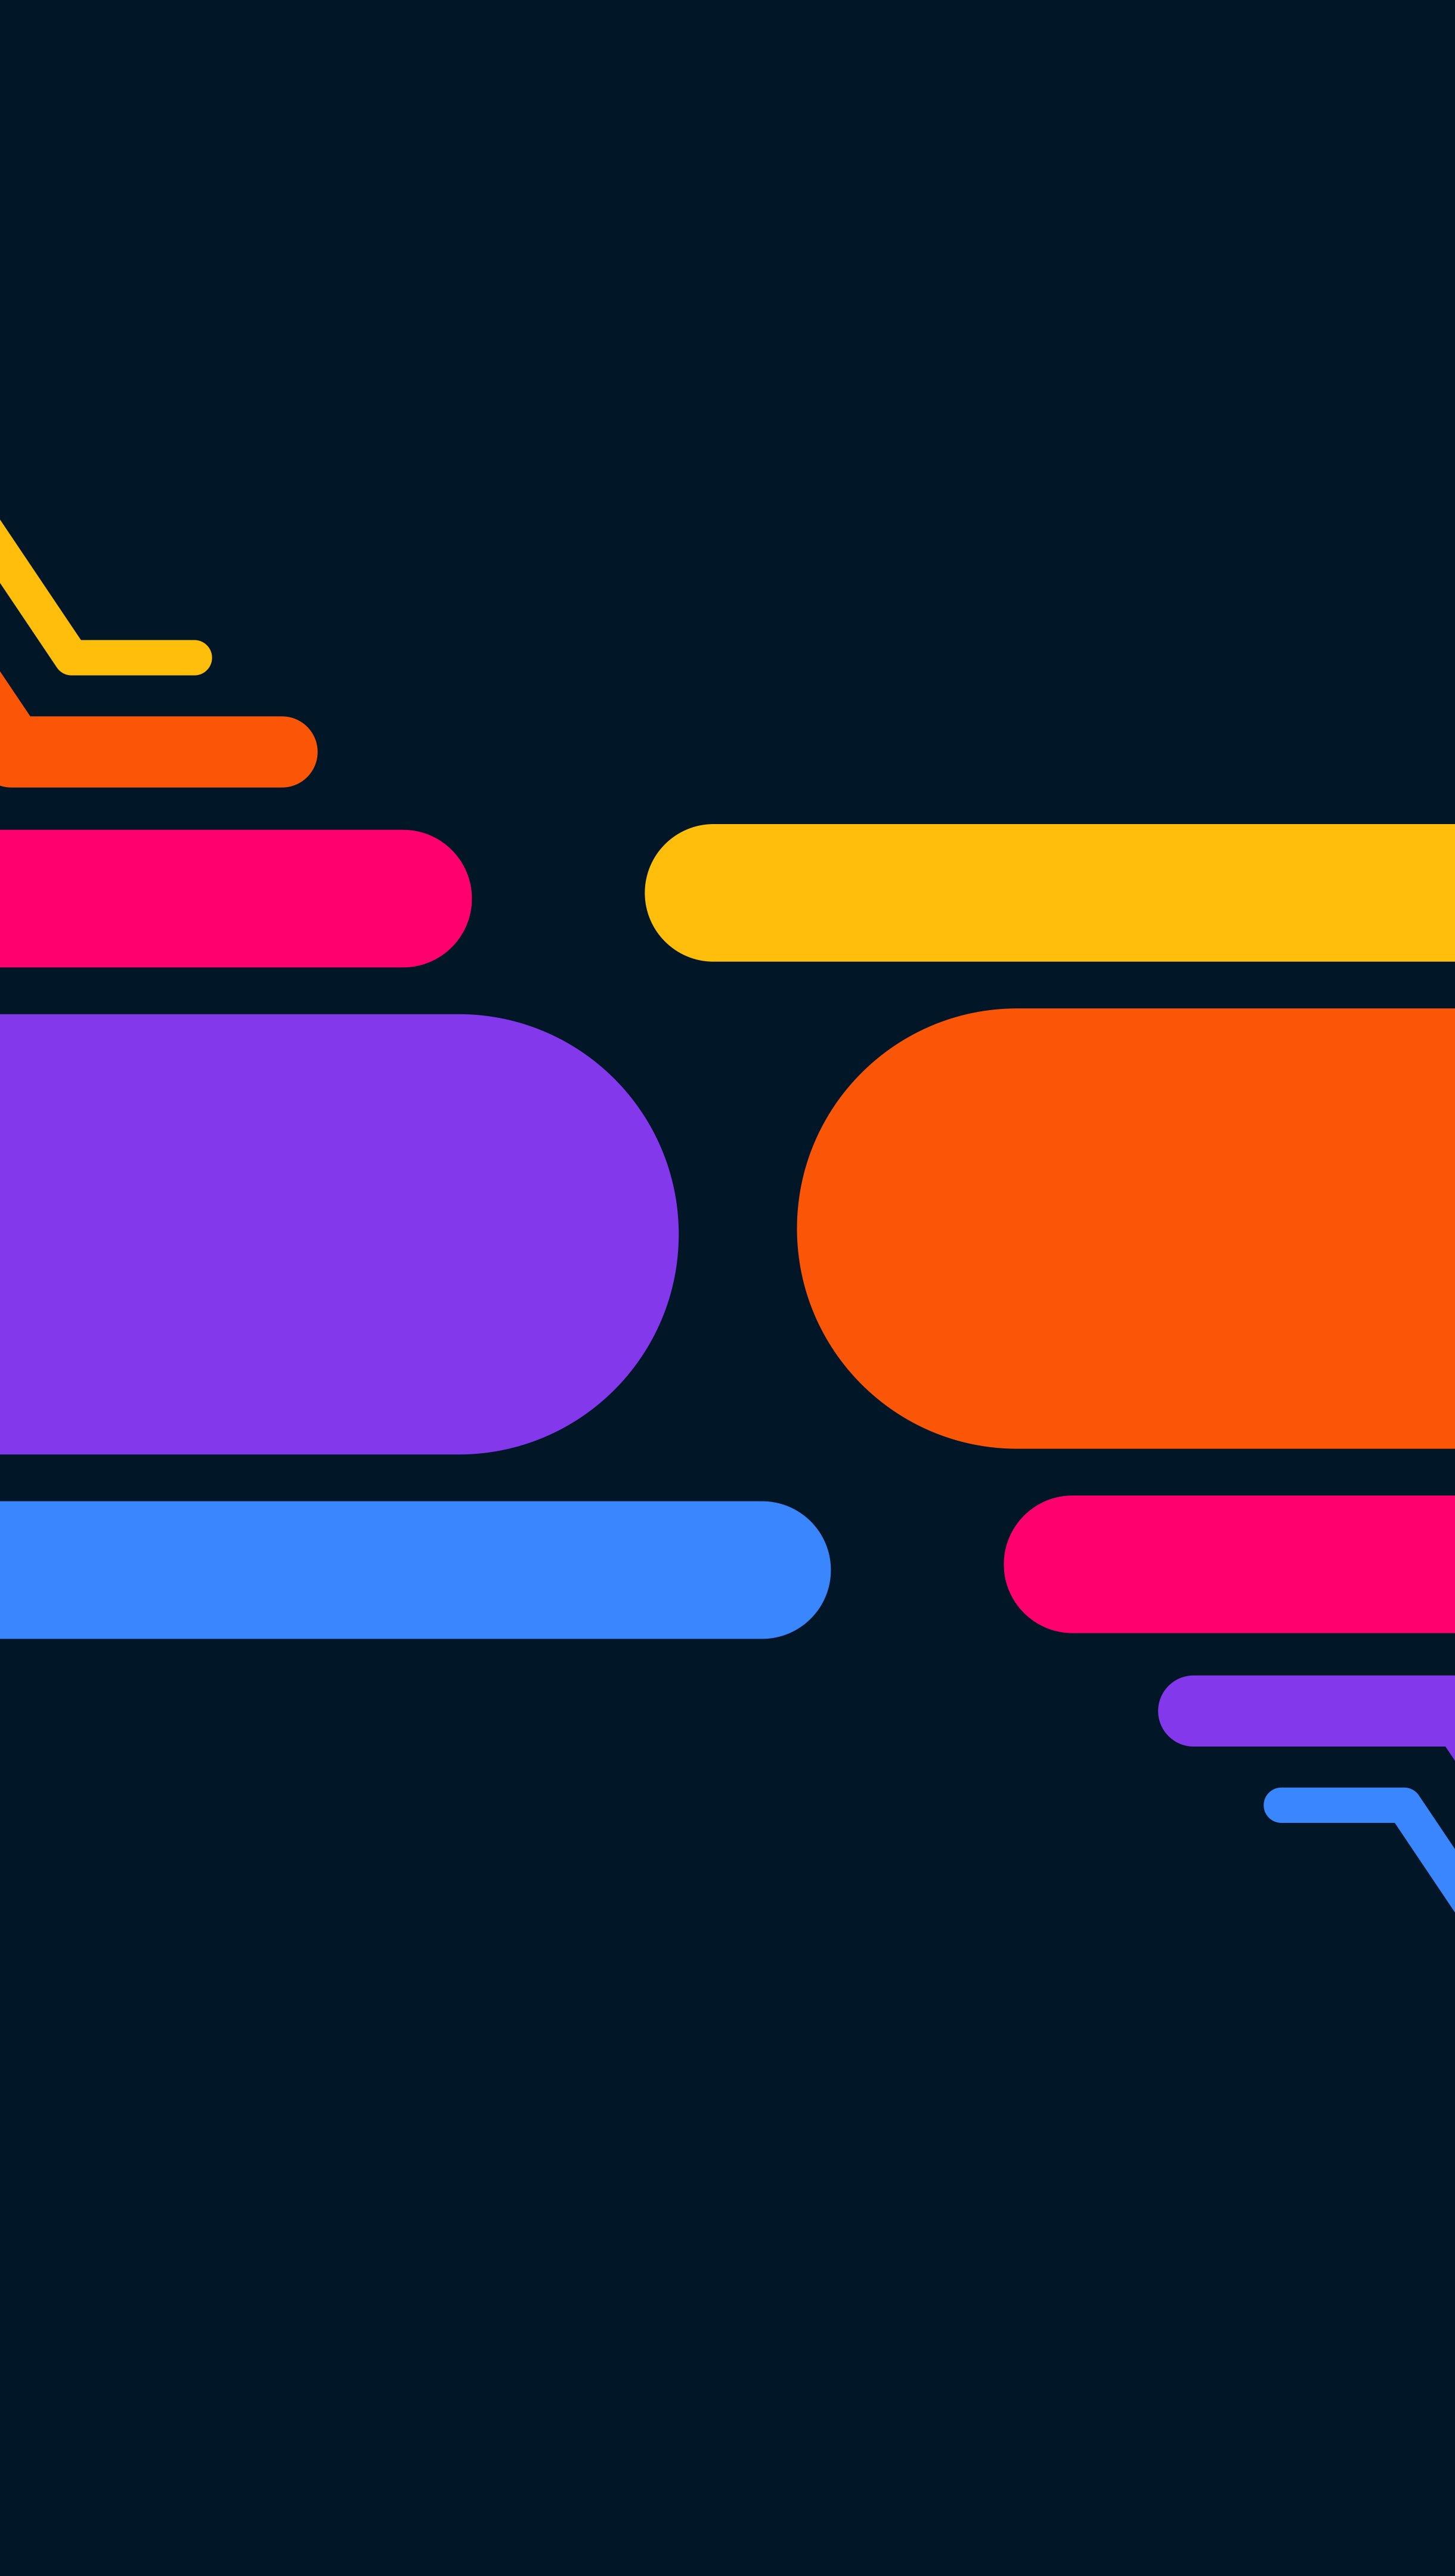 Fondos de pantalla Líneas de colores Minimalista Vertical